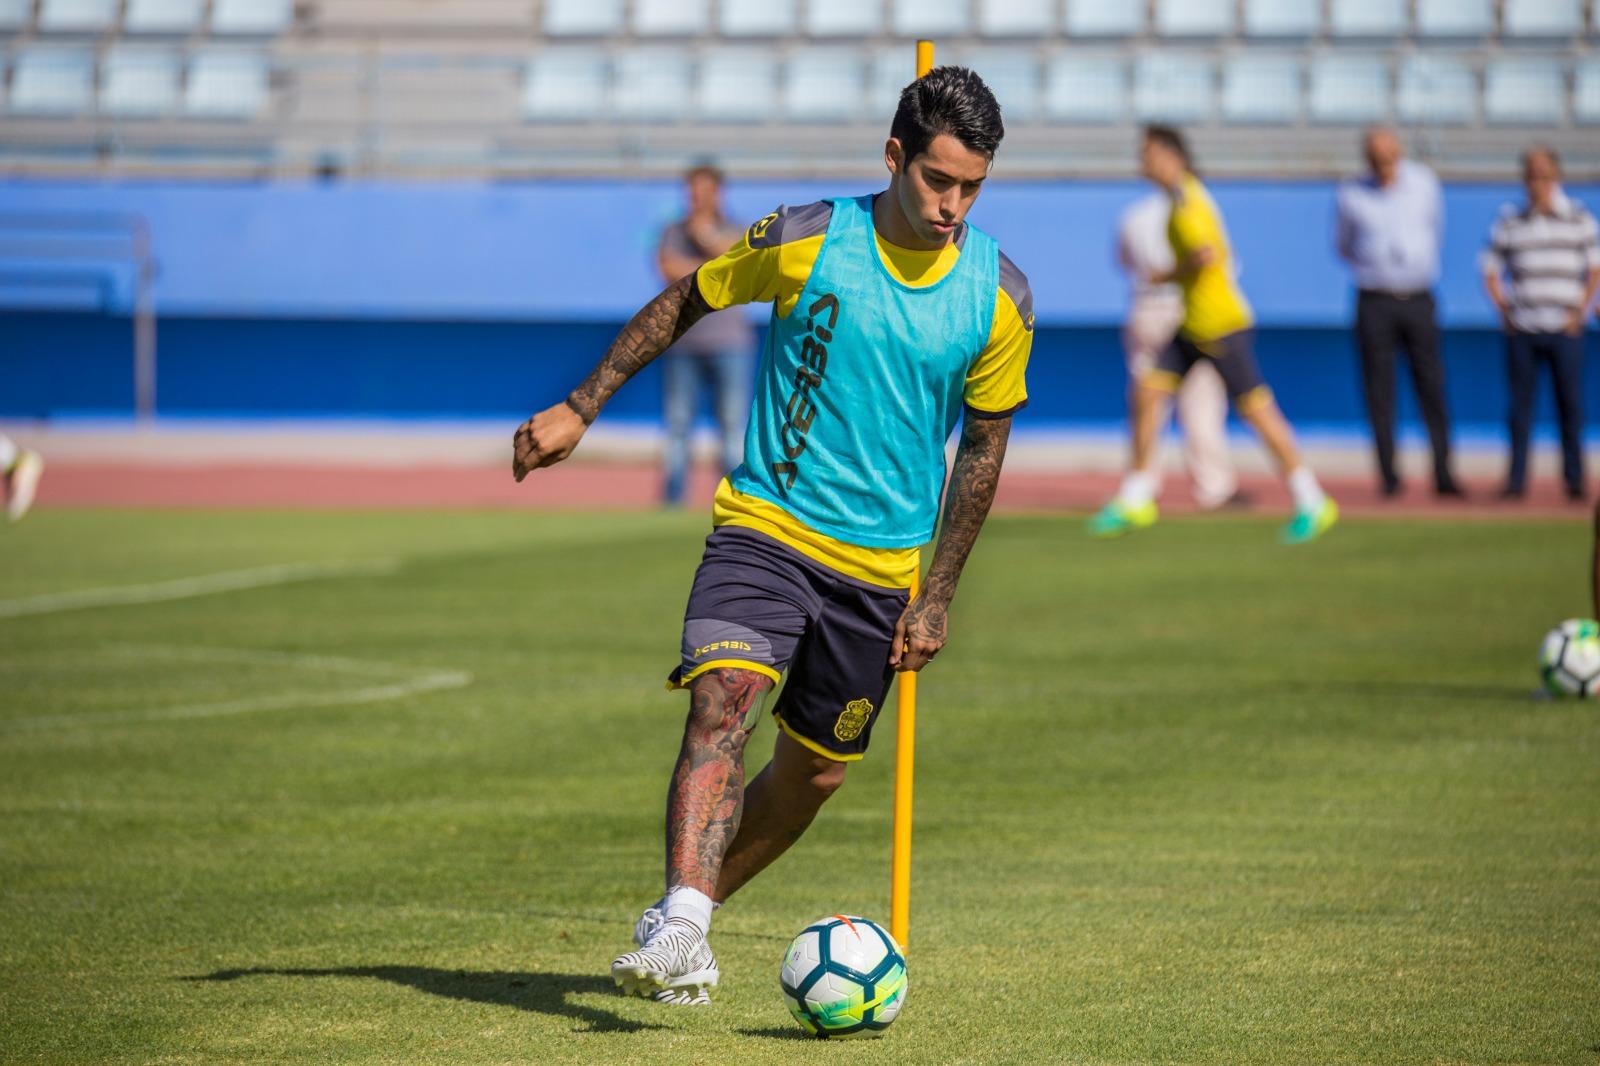 西媒:拉斯帕尔马斯前锋阿劳霍可能将赴中超踢球